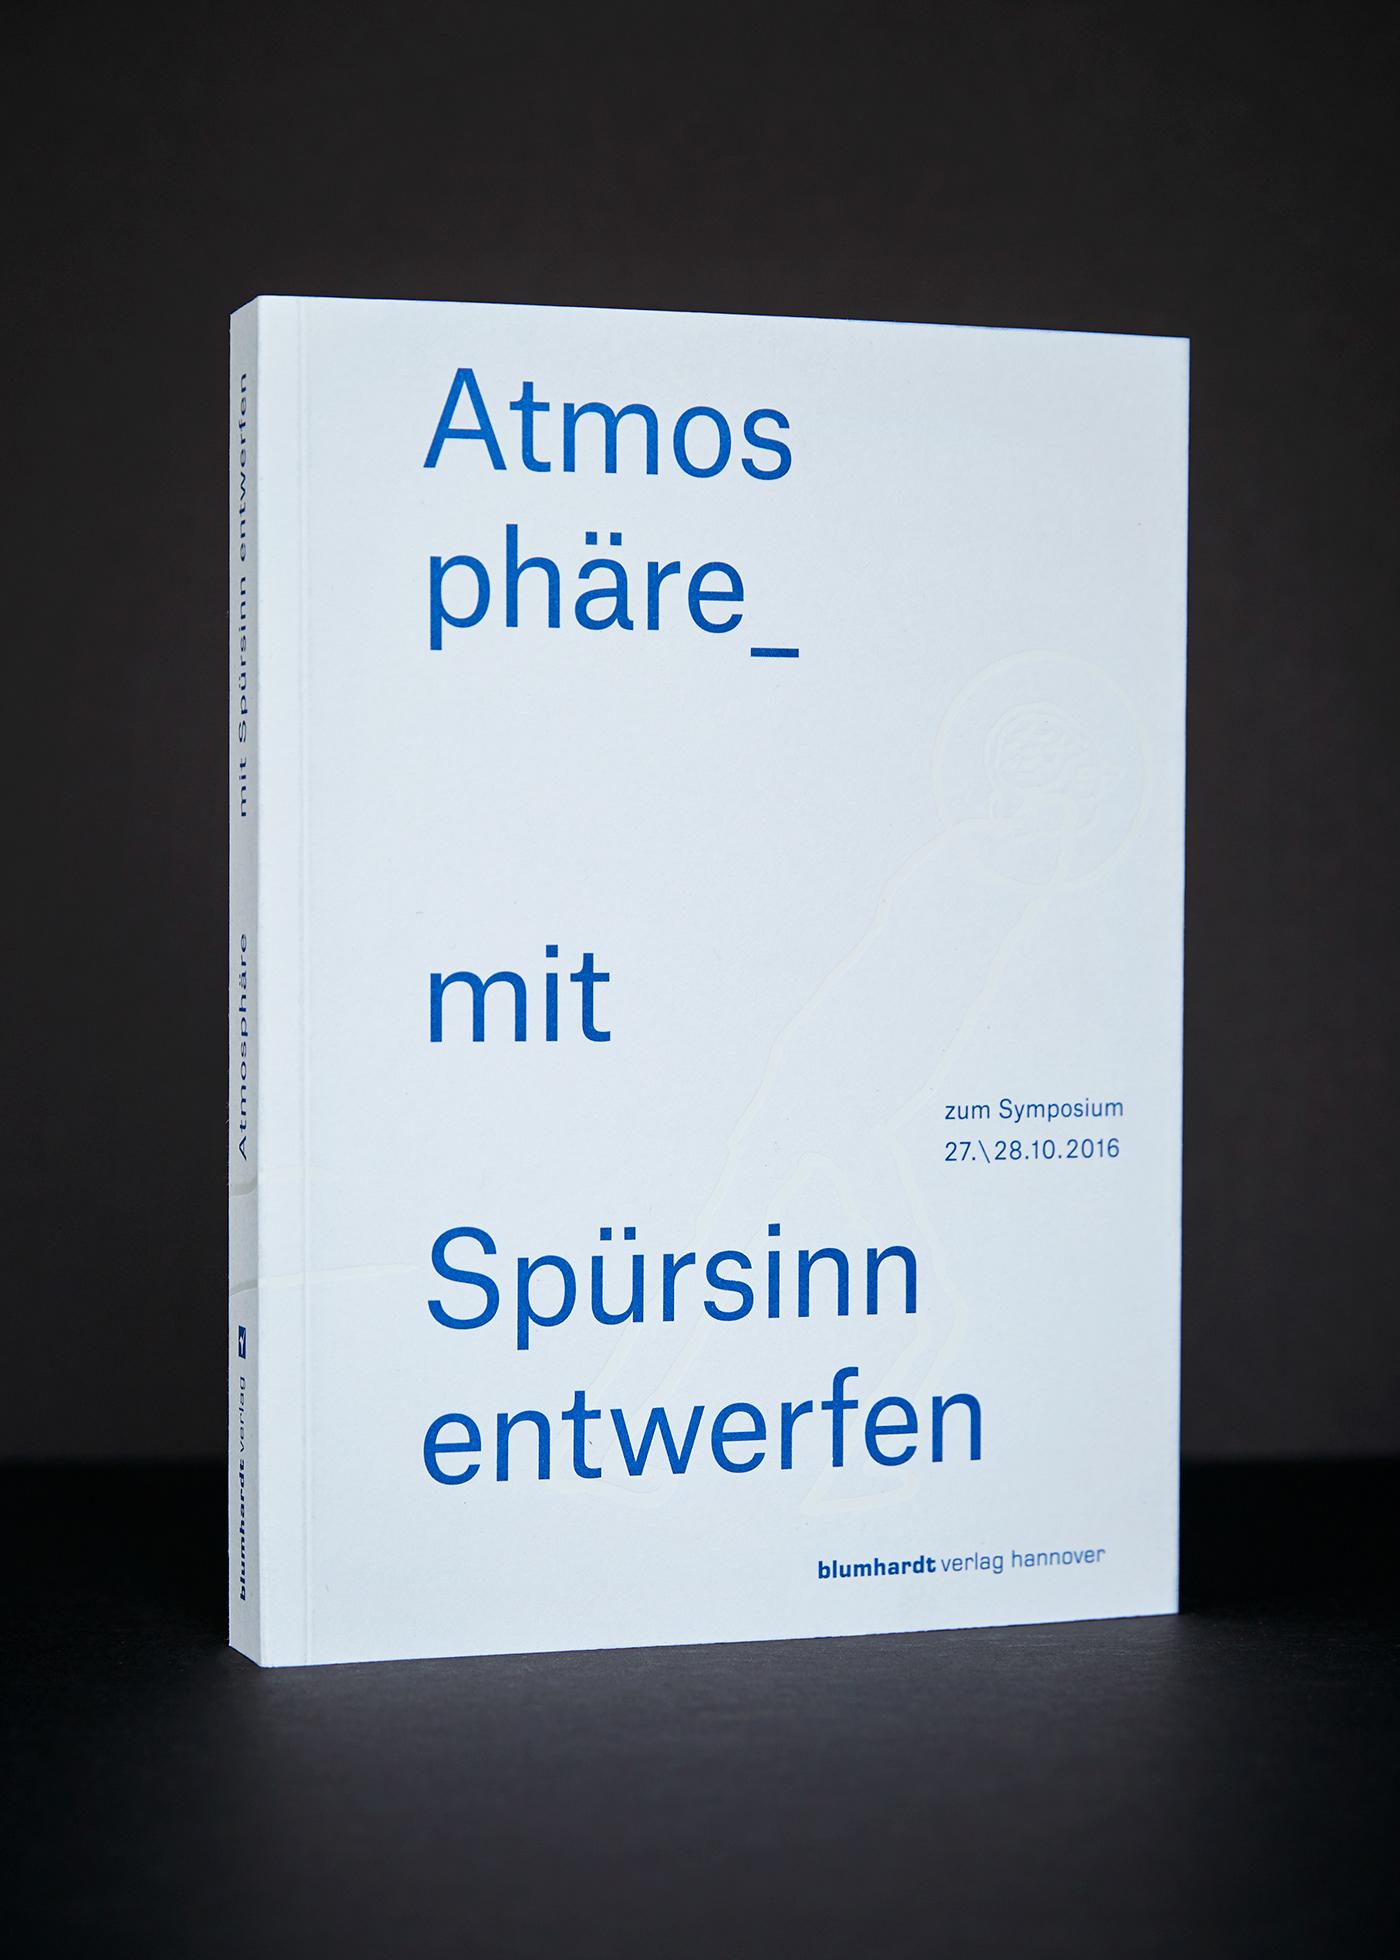 atmosphäre Innenarchitektur Raumgestaltung Hochschule Hannover Publikation